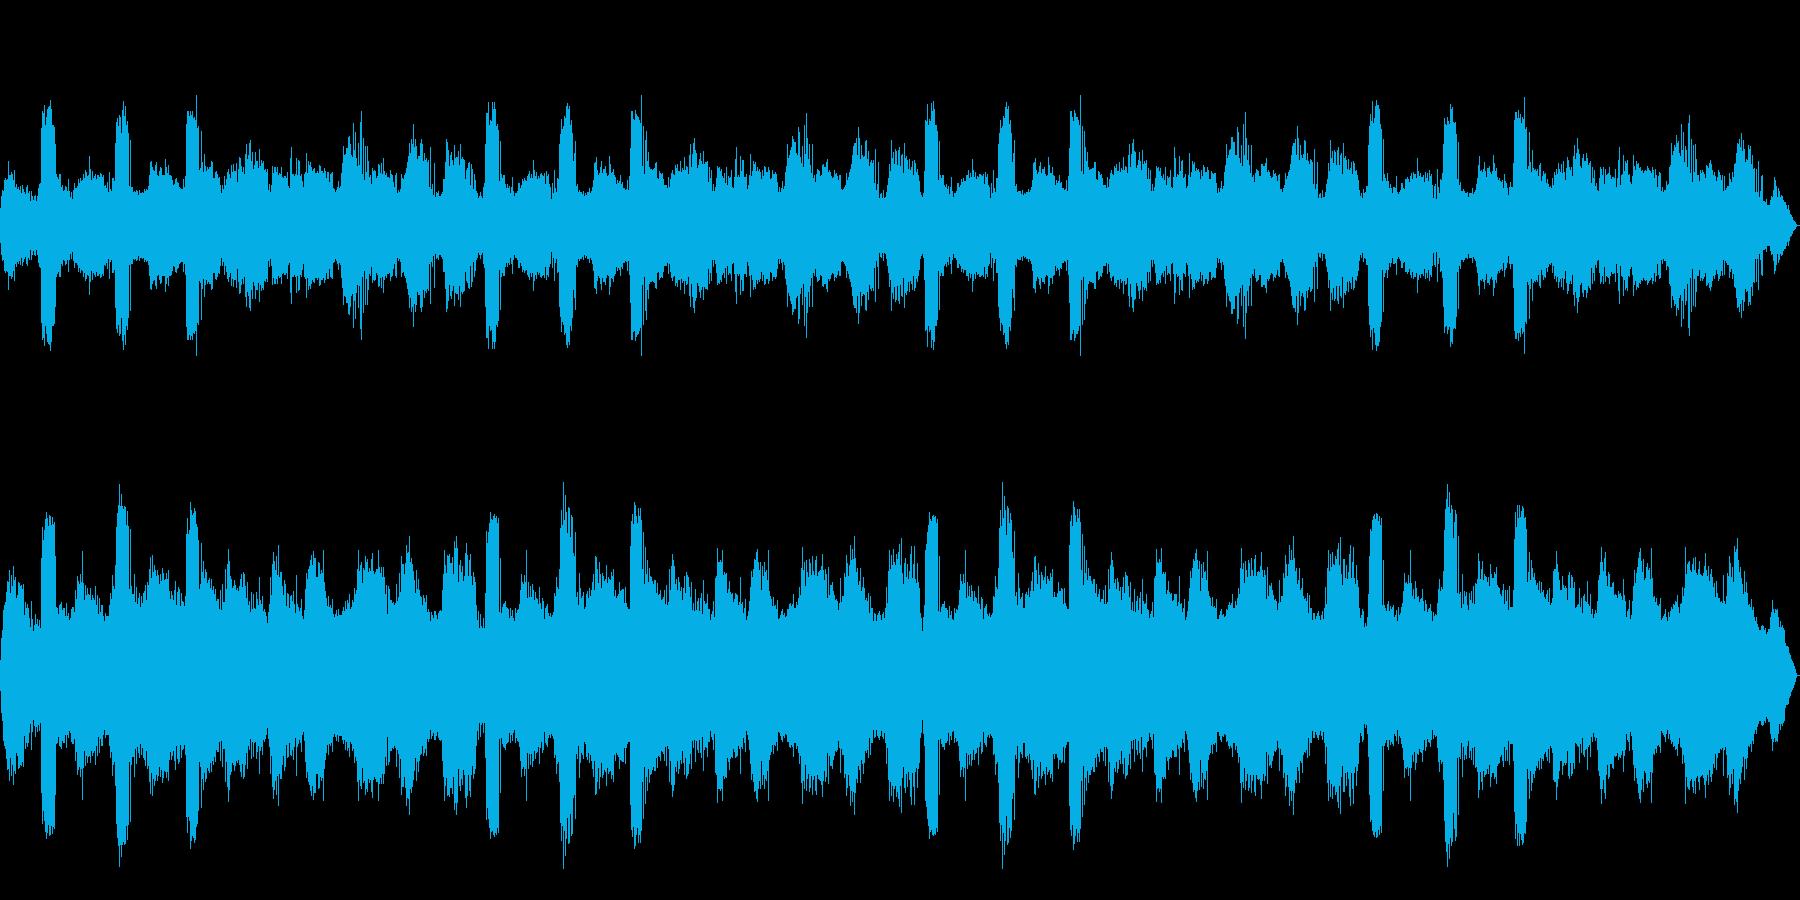 [バイノーラル録音]ヒグラシの鳴く森02の再生済みの波形